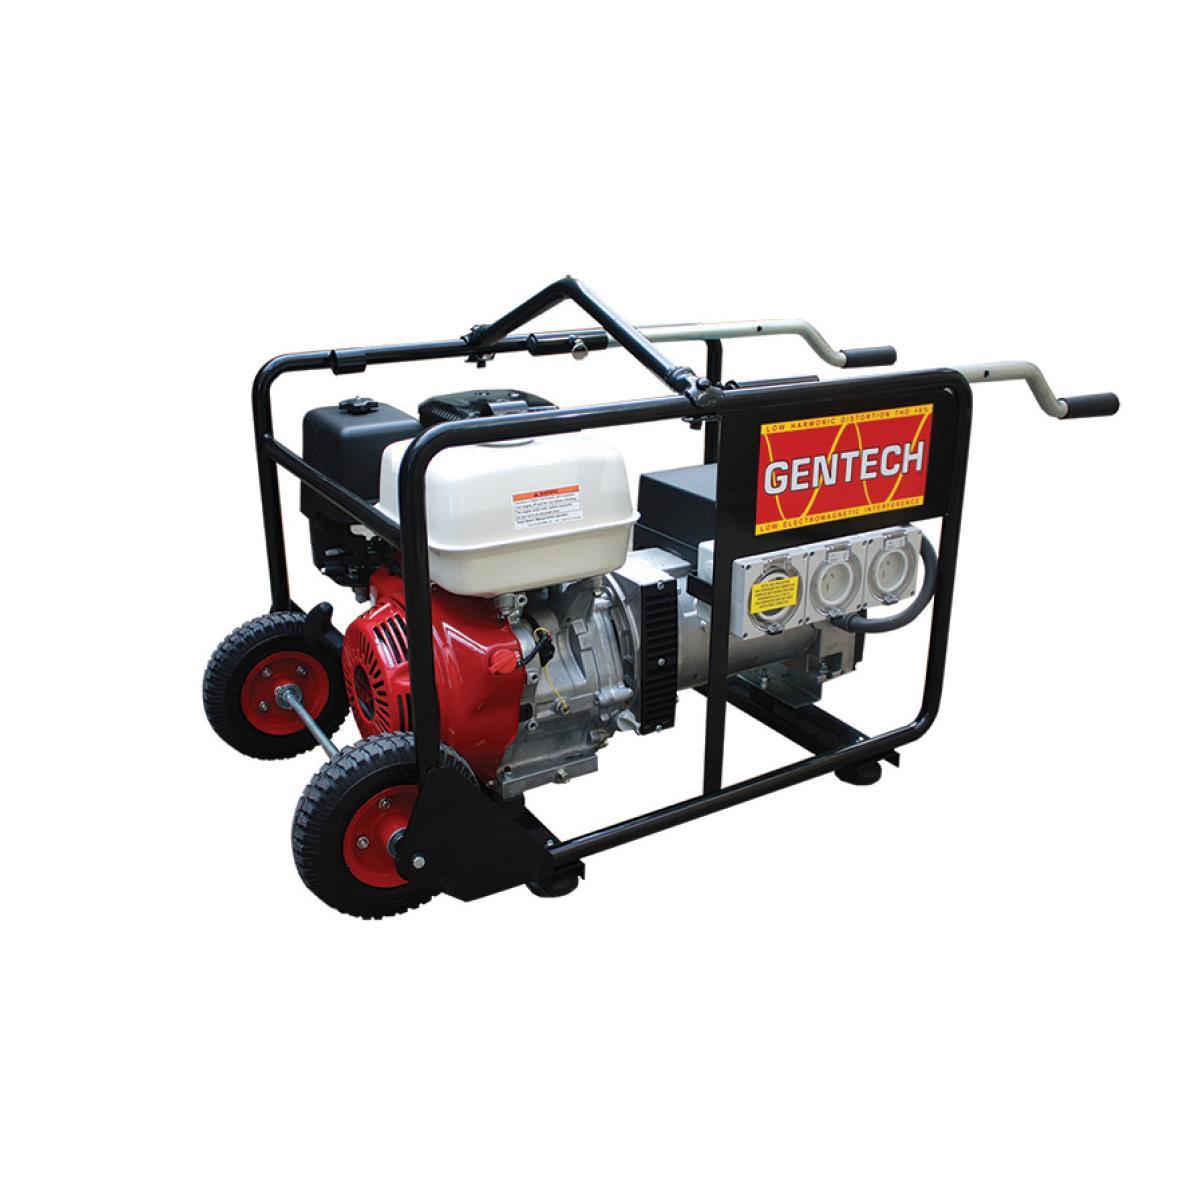 Portable honda generator 8kva petrol generator blue for Generator with honda motor